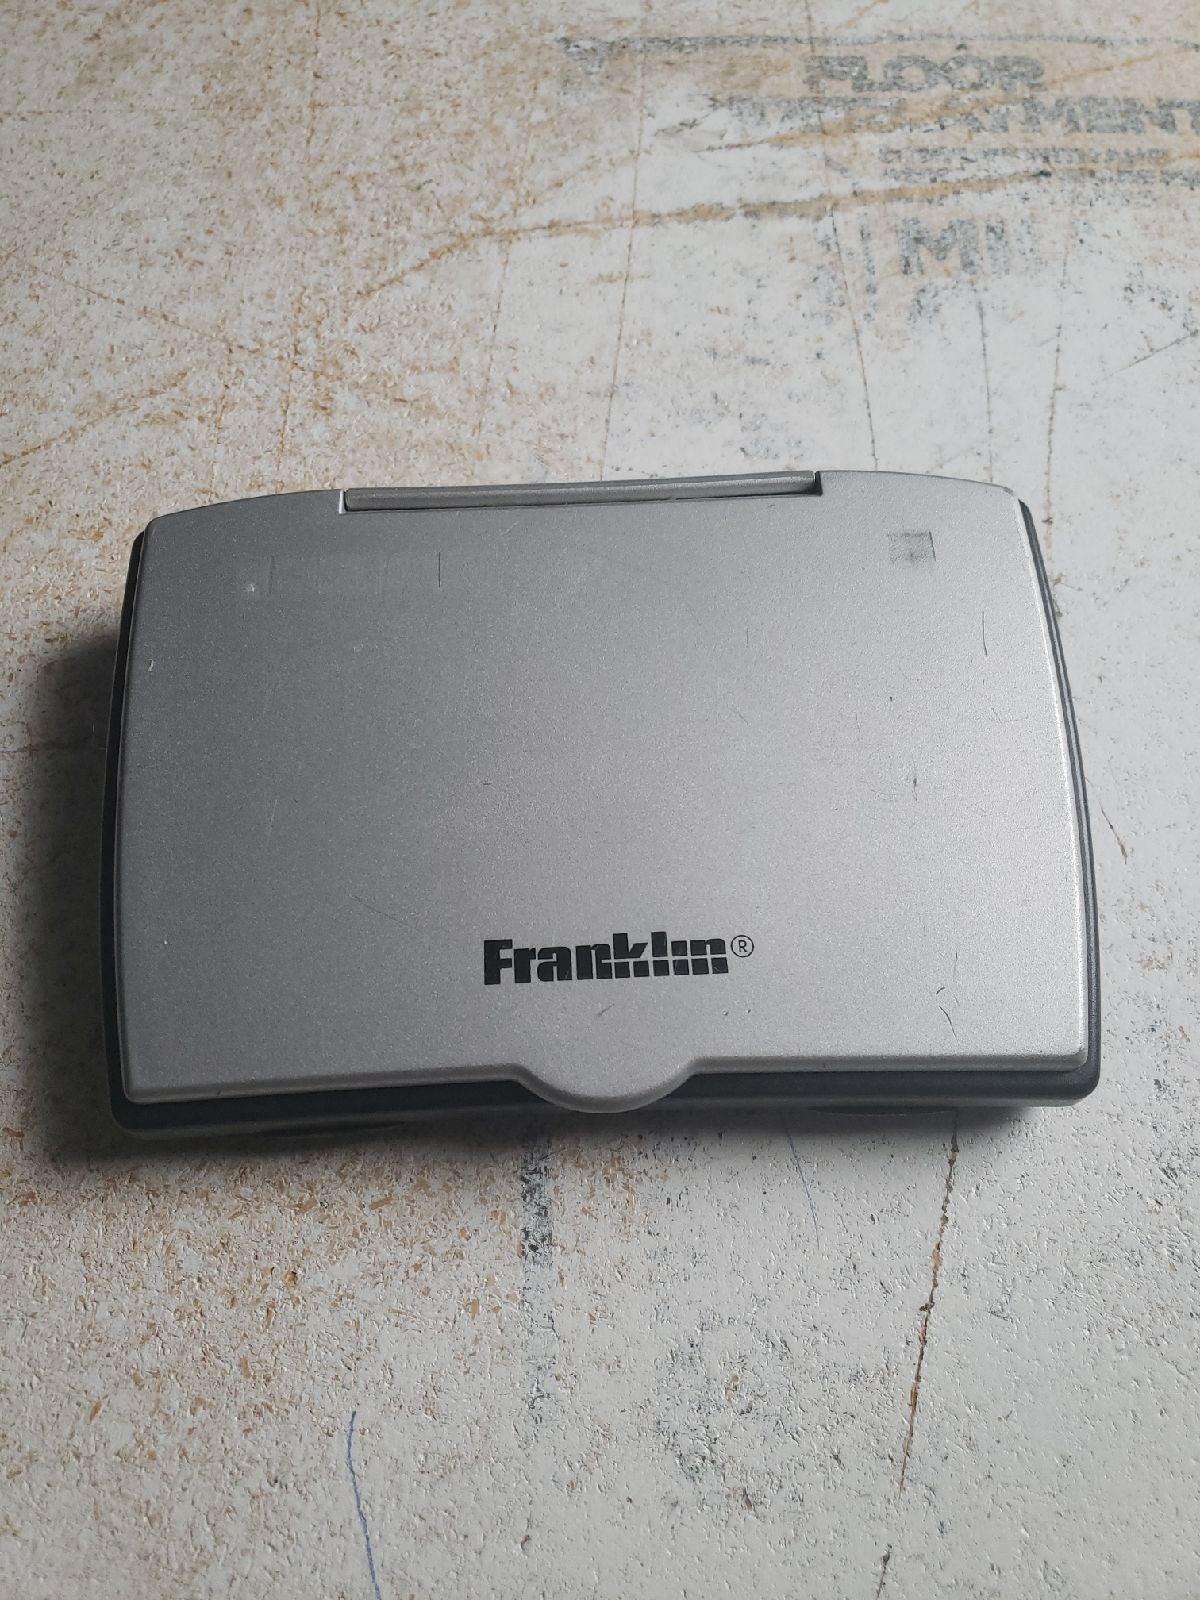 Merriam-webster digital translater (Fran